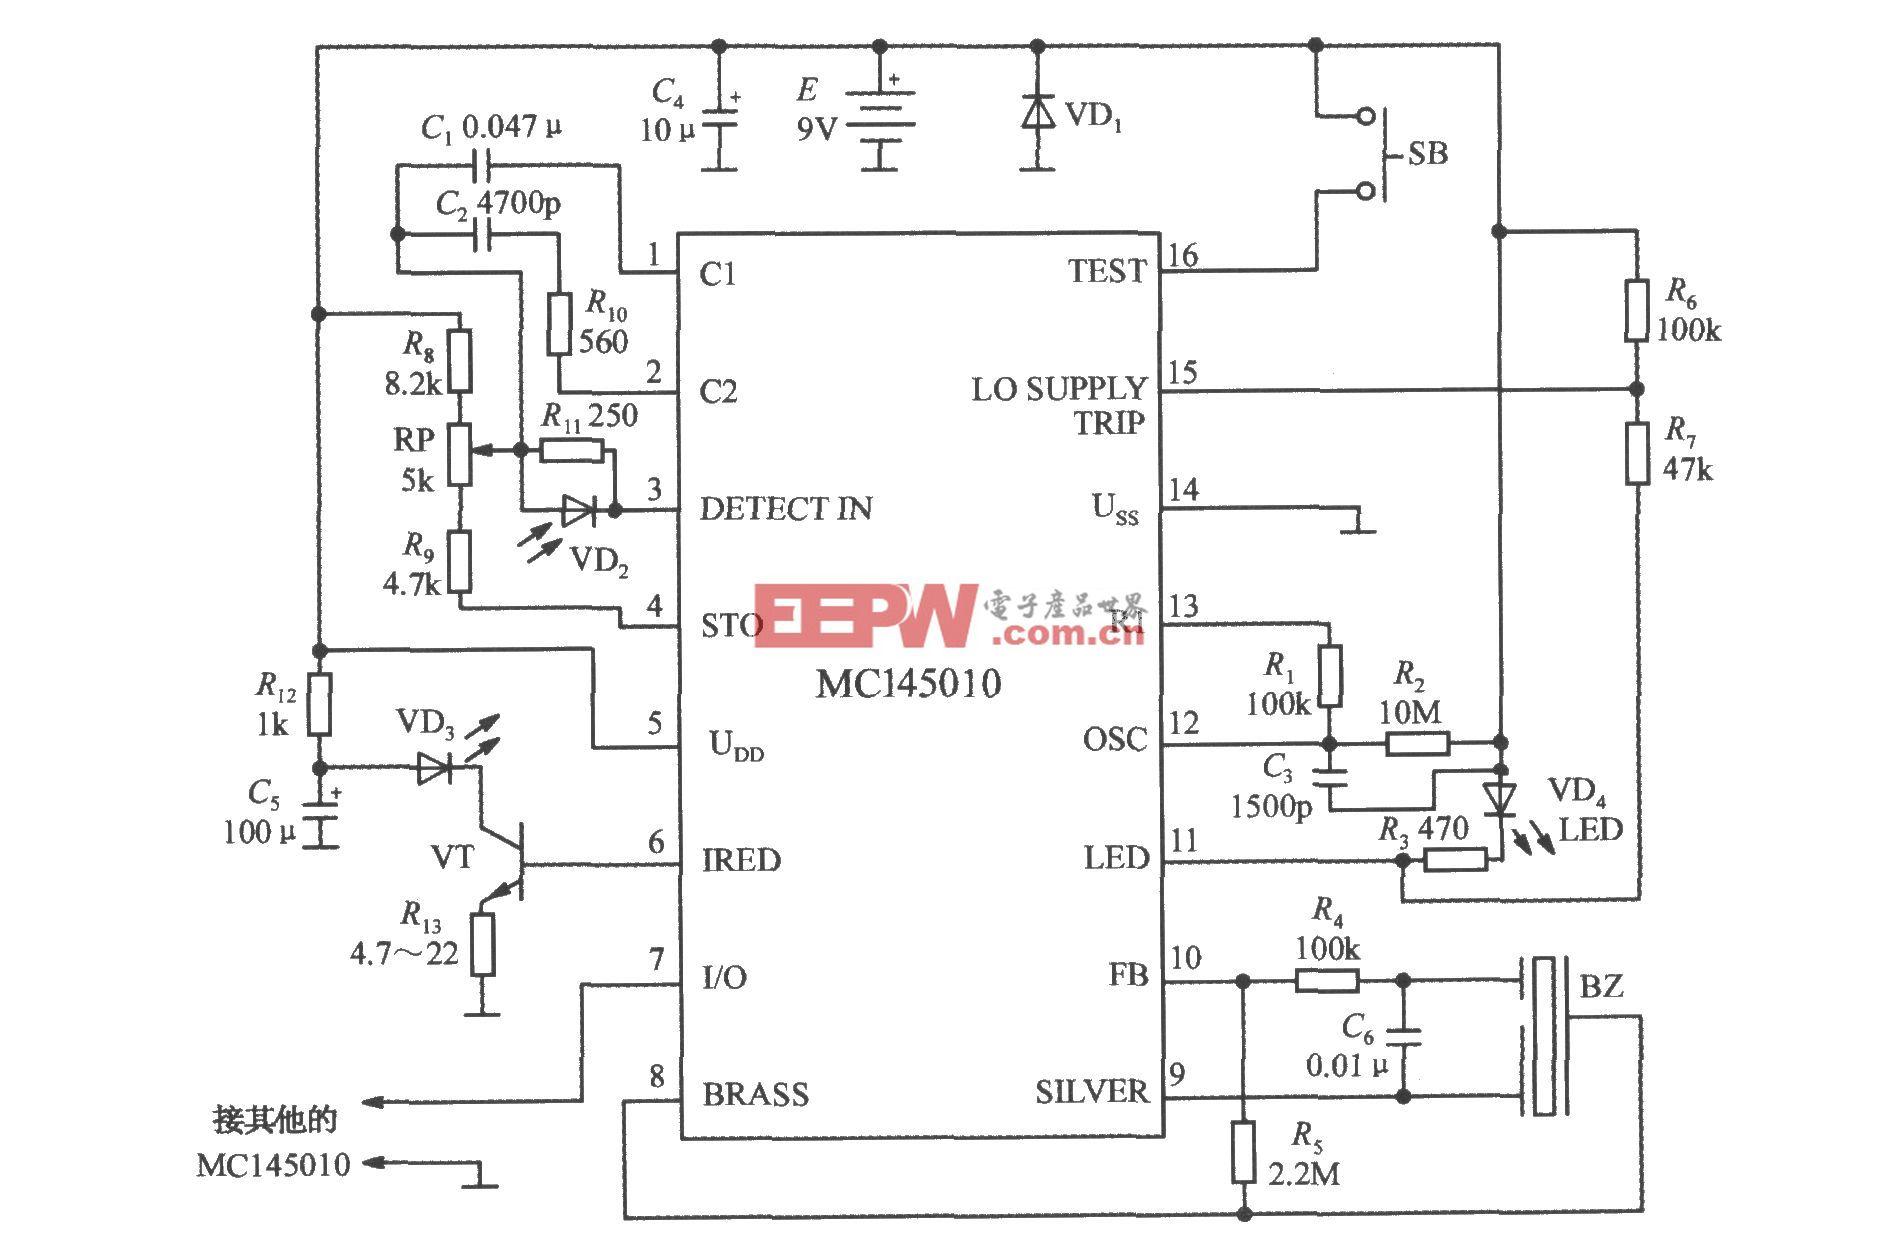 由光电型烟雾检测报警集成电路MC145010构成的烟雾报警电路